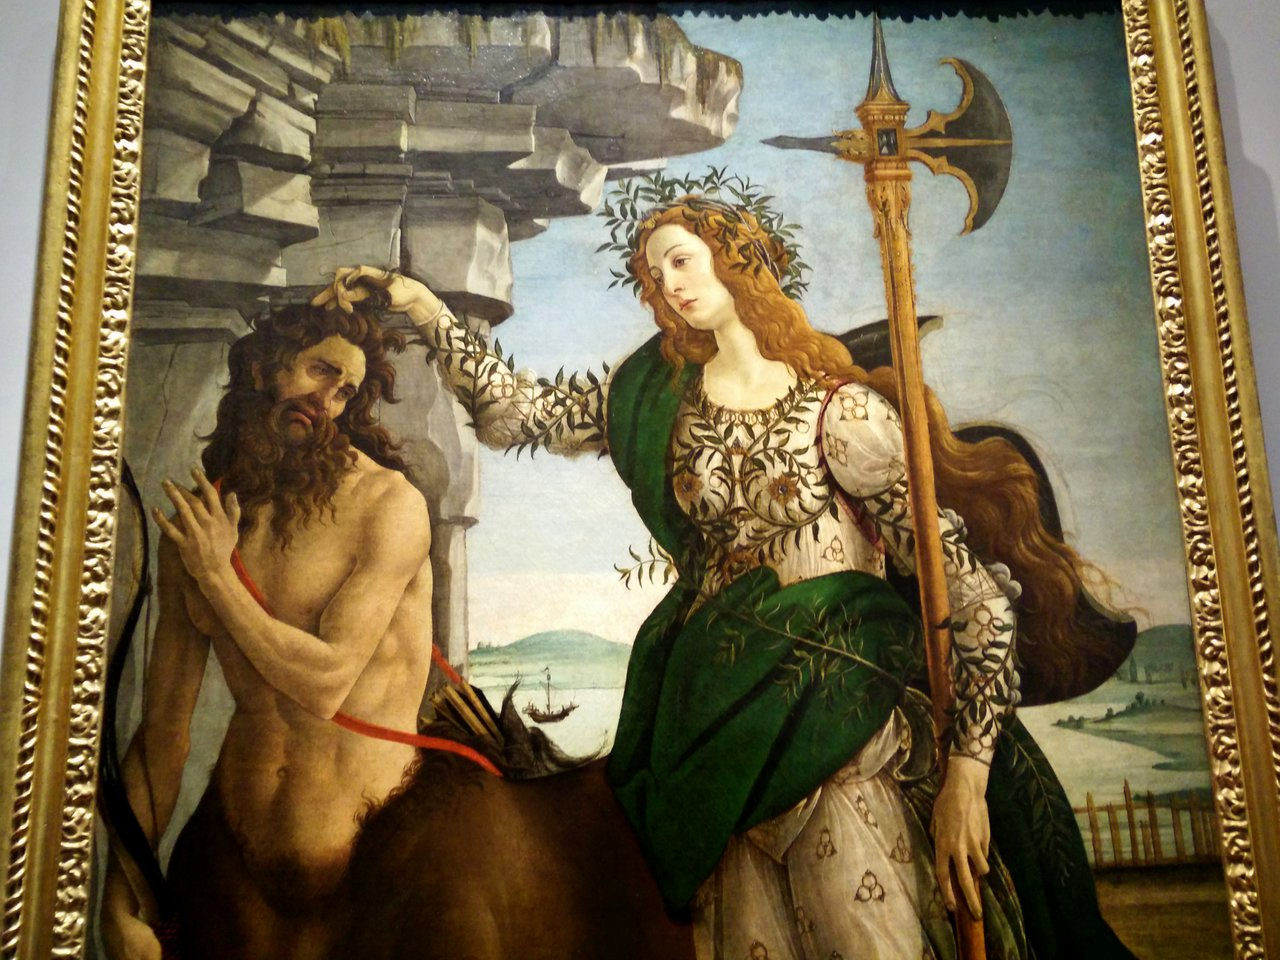 """due giorni a firenze: """"Pallade e il centauro"""" di Botticelli"""